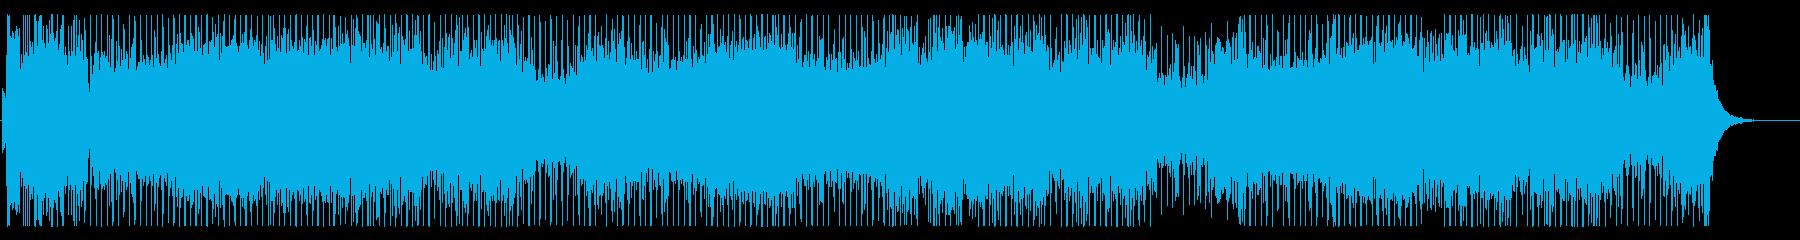 昭和 特撮ヒーロー的BGMの再生済みの波形